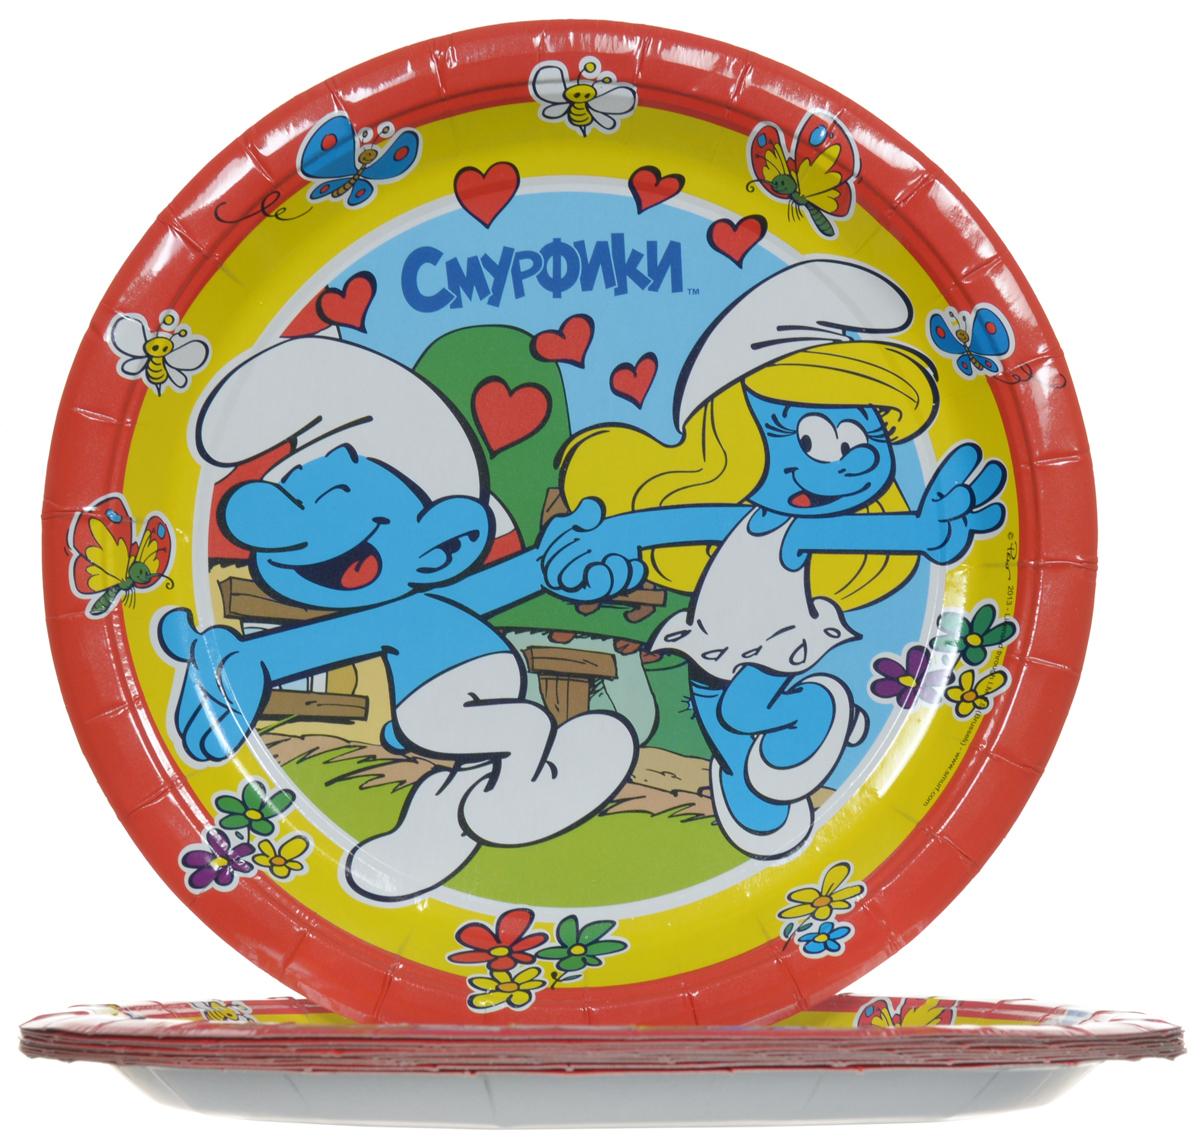 Смурфики Набор одноразовых тарелок цвет красный 10 шт -  Сервировка праздничного стола